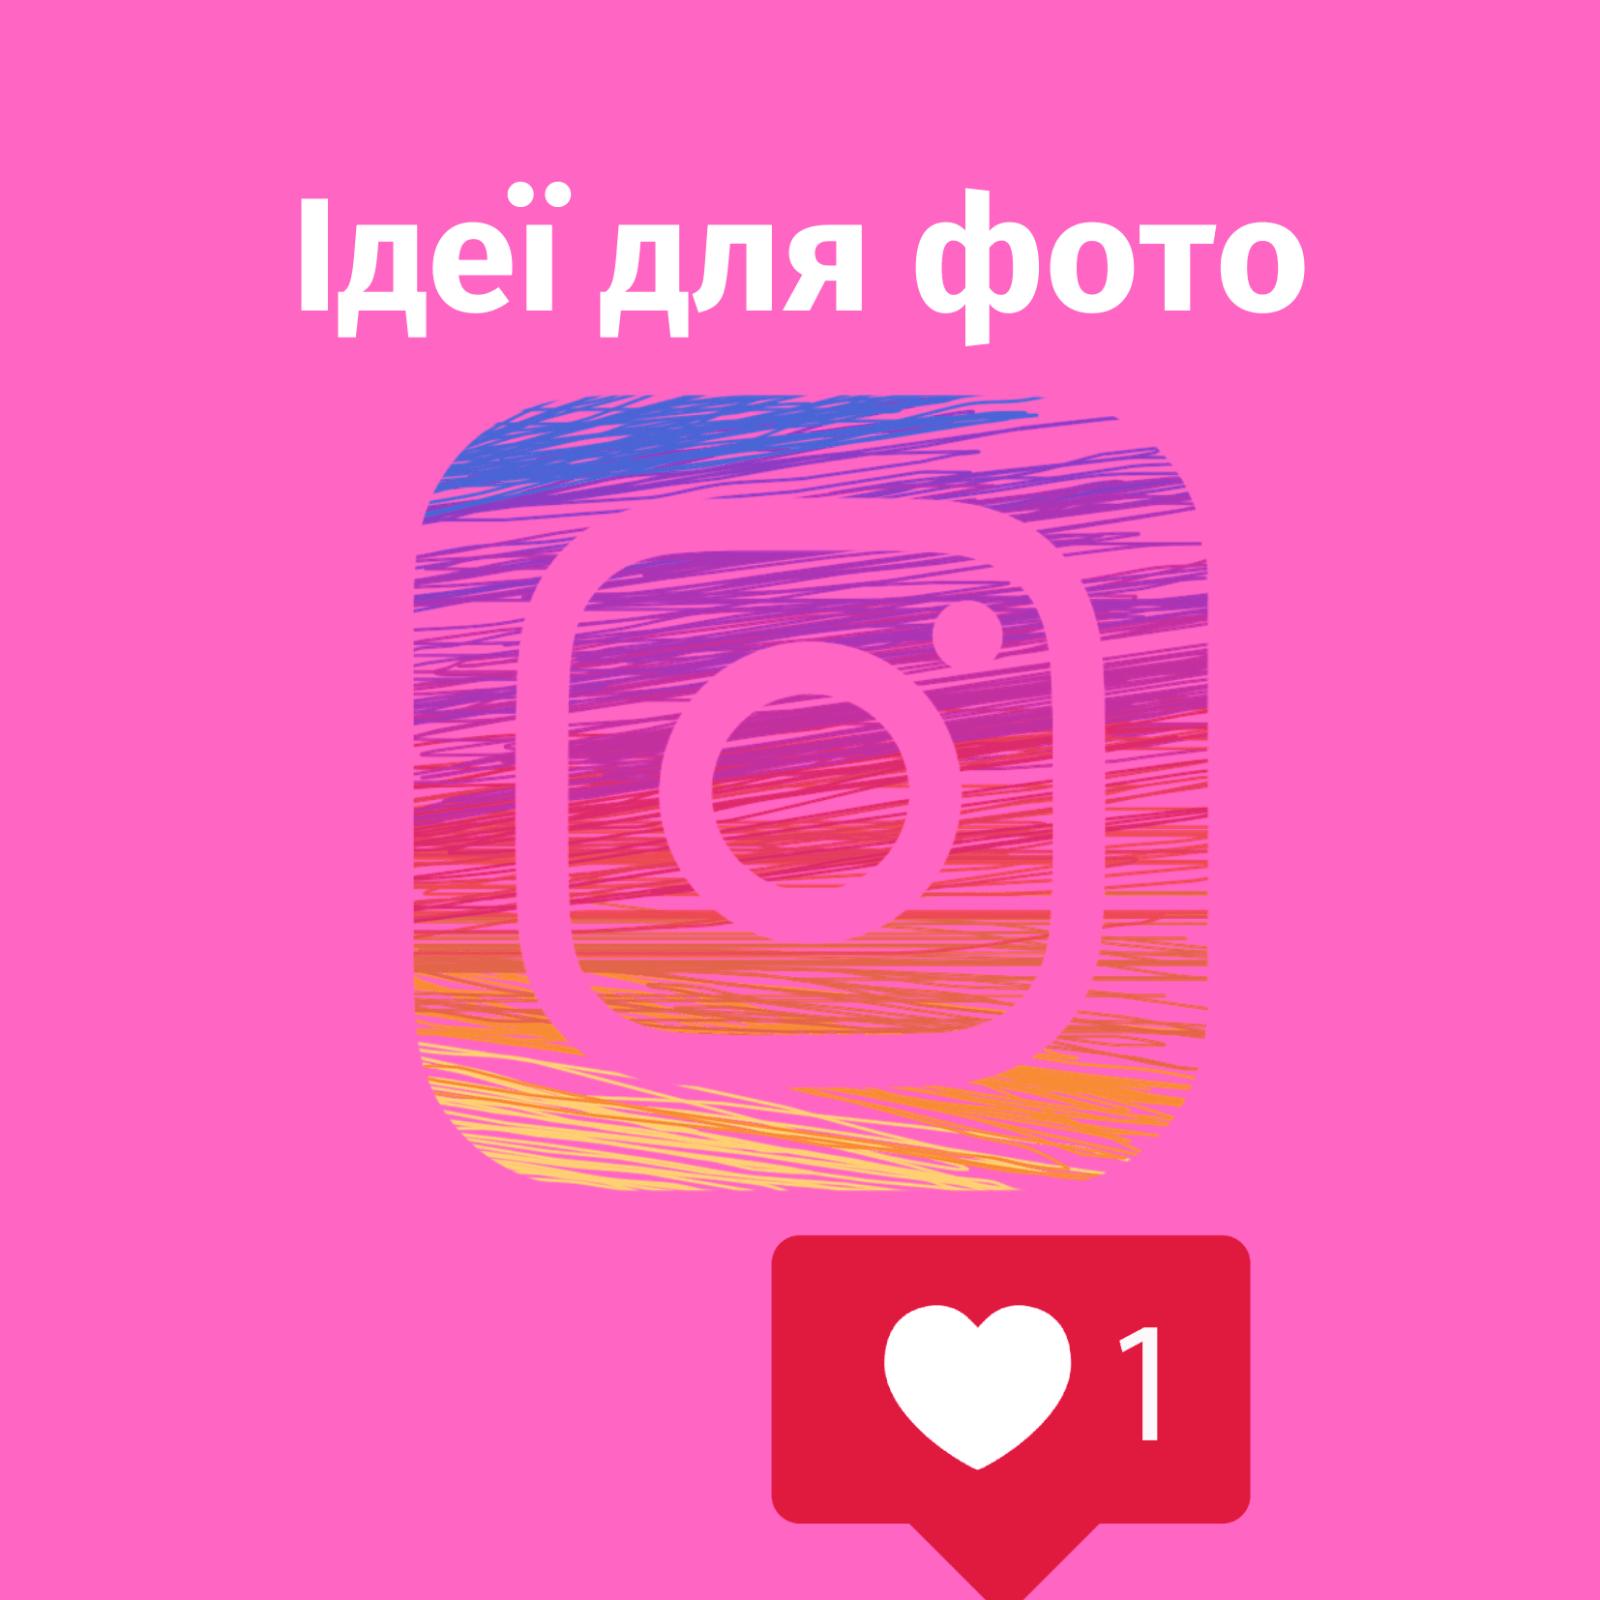 Більше 50 ідей для фото в Інстаграм, актуальних в 2020